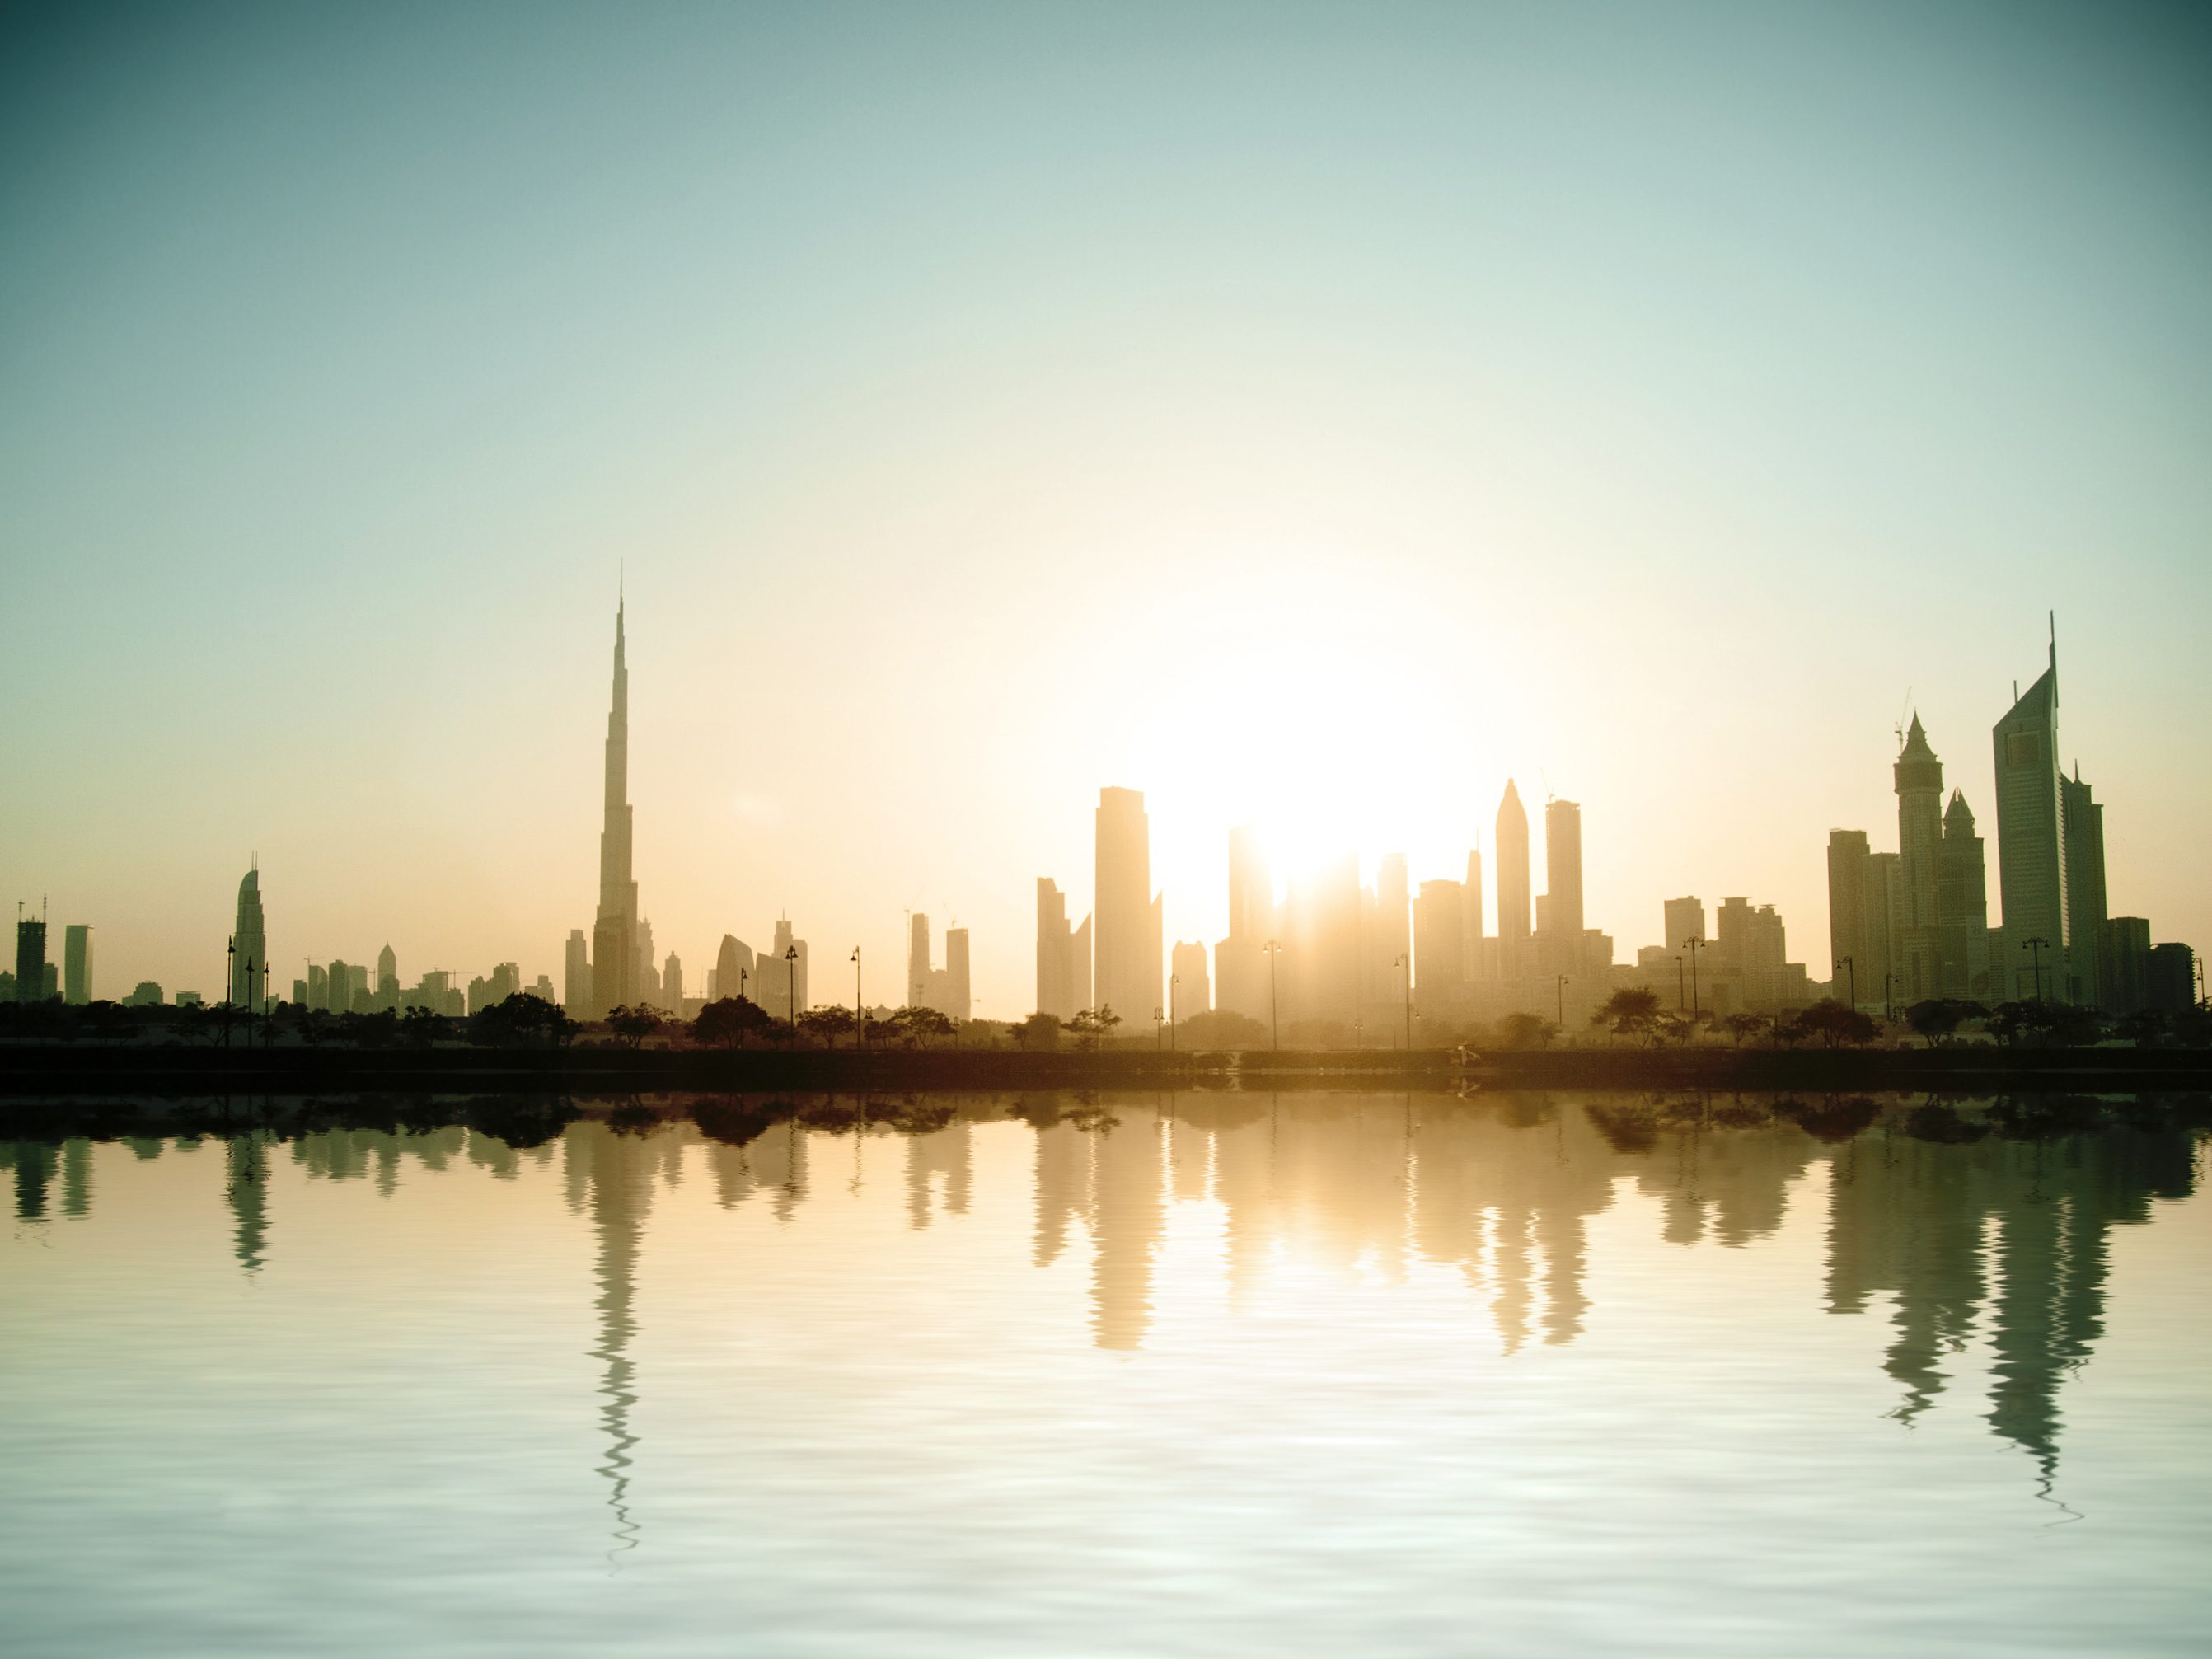 3. Dubai